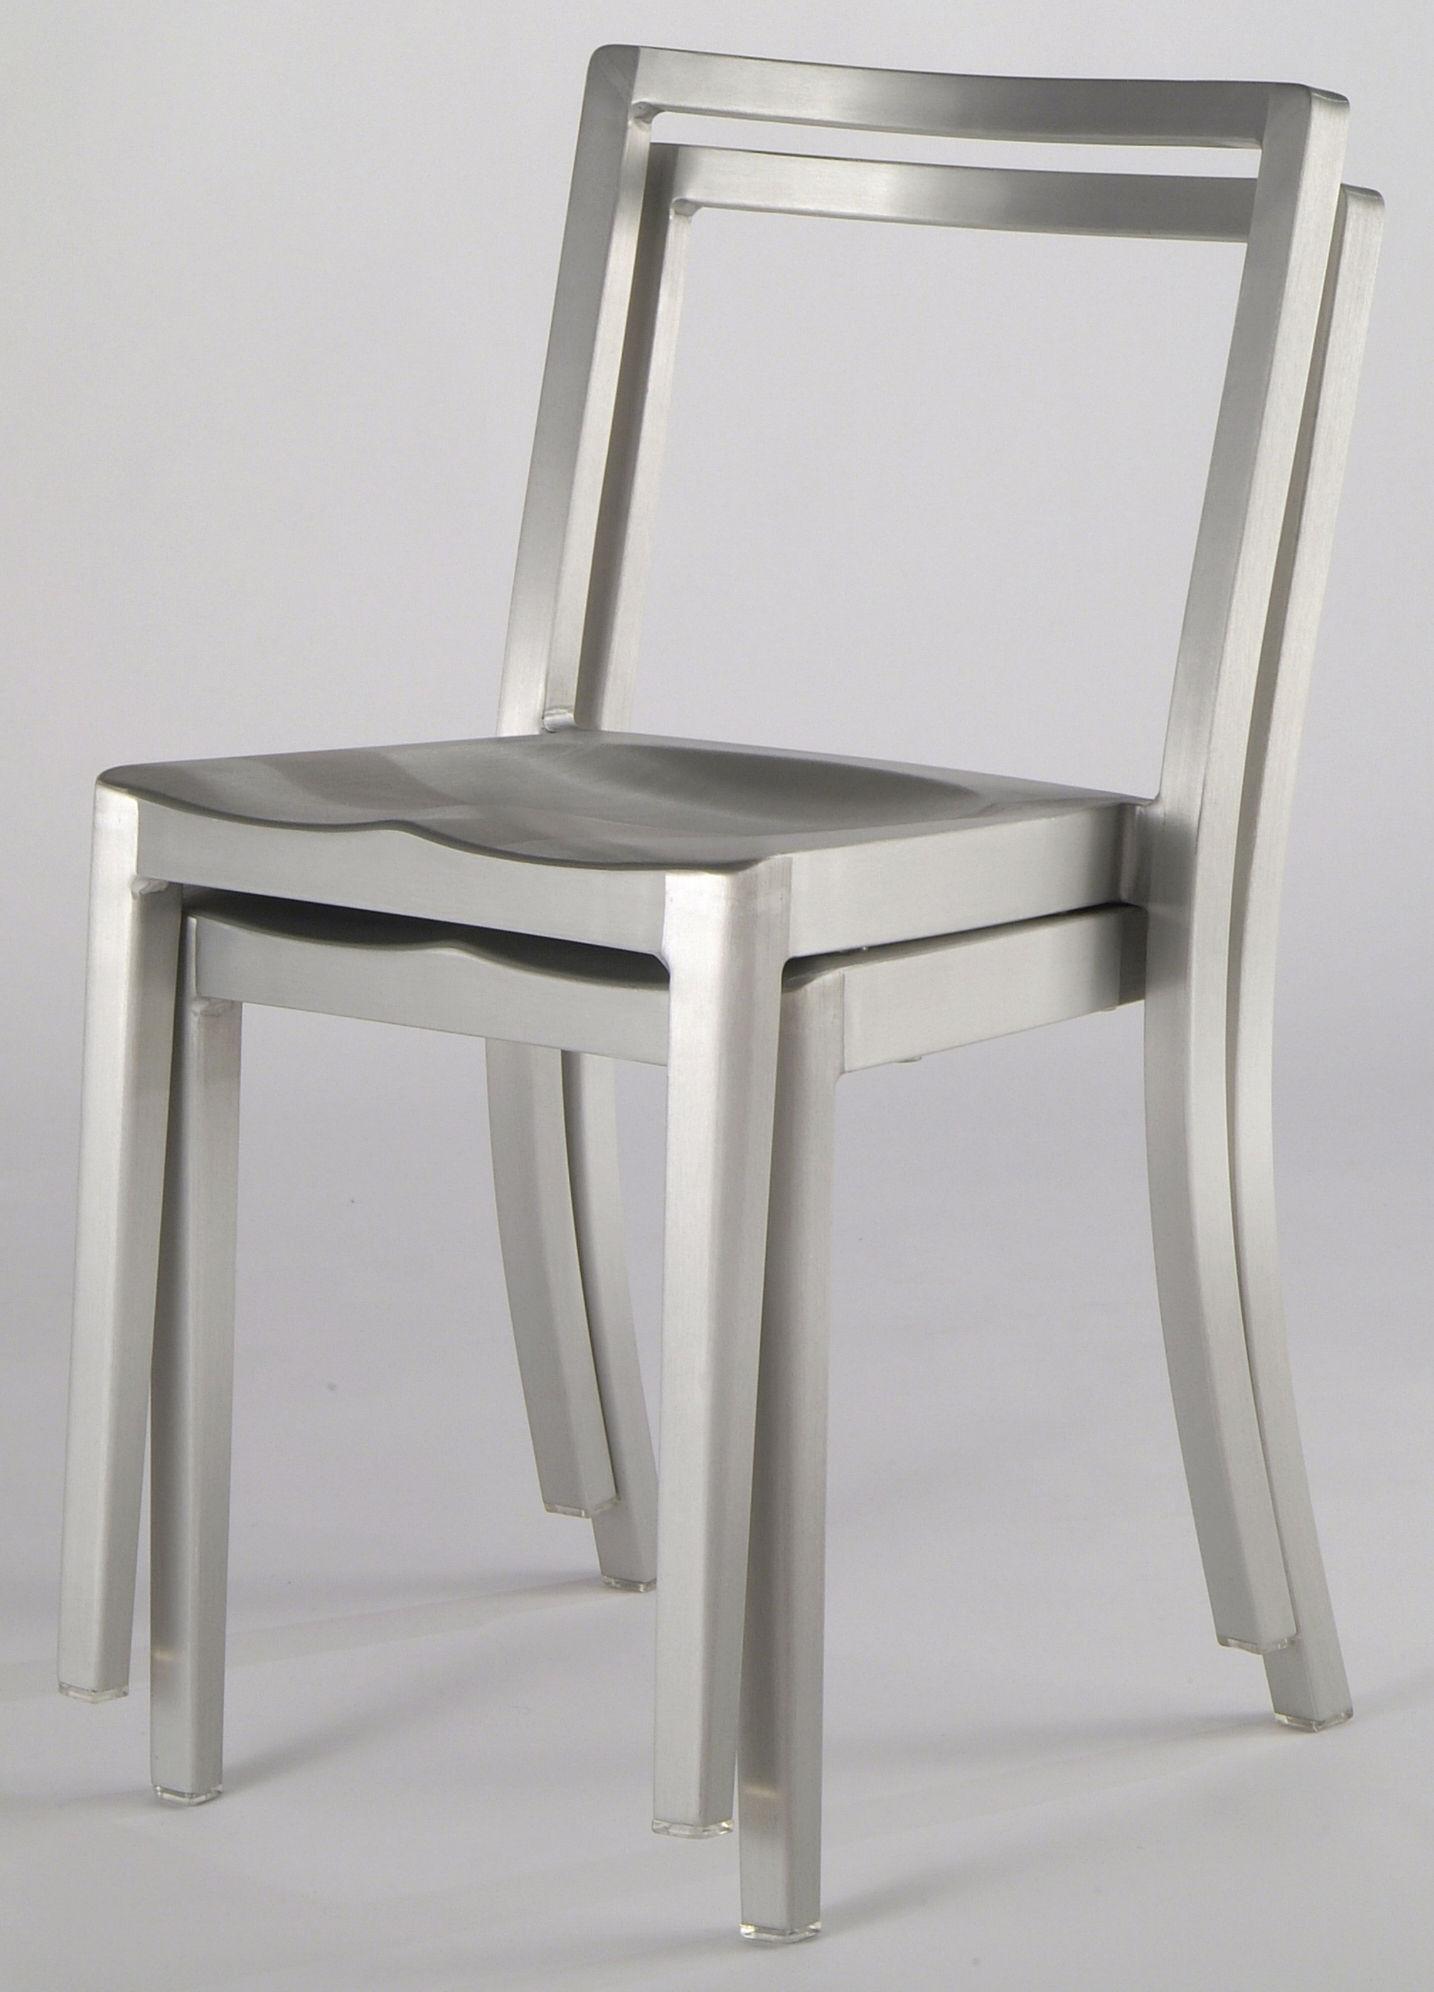 Scopri Sedia Icon Chair, Alluminio opaco di Emeco, Made In ...